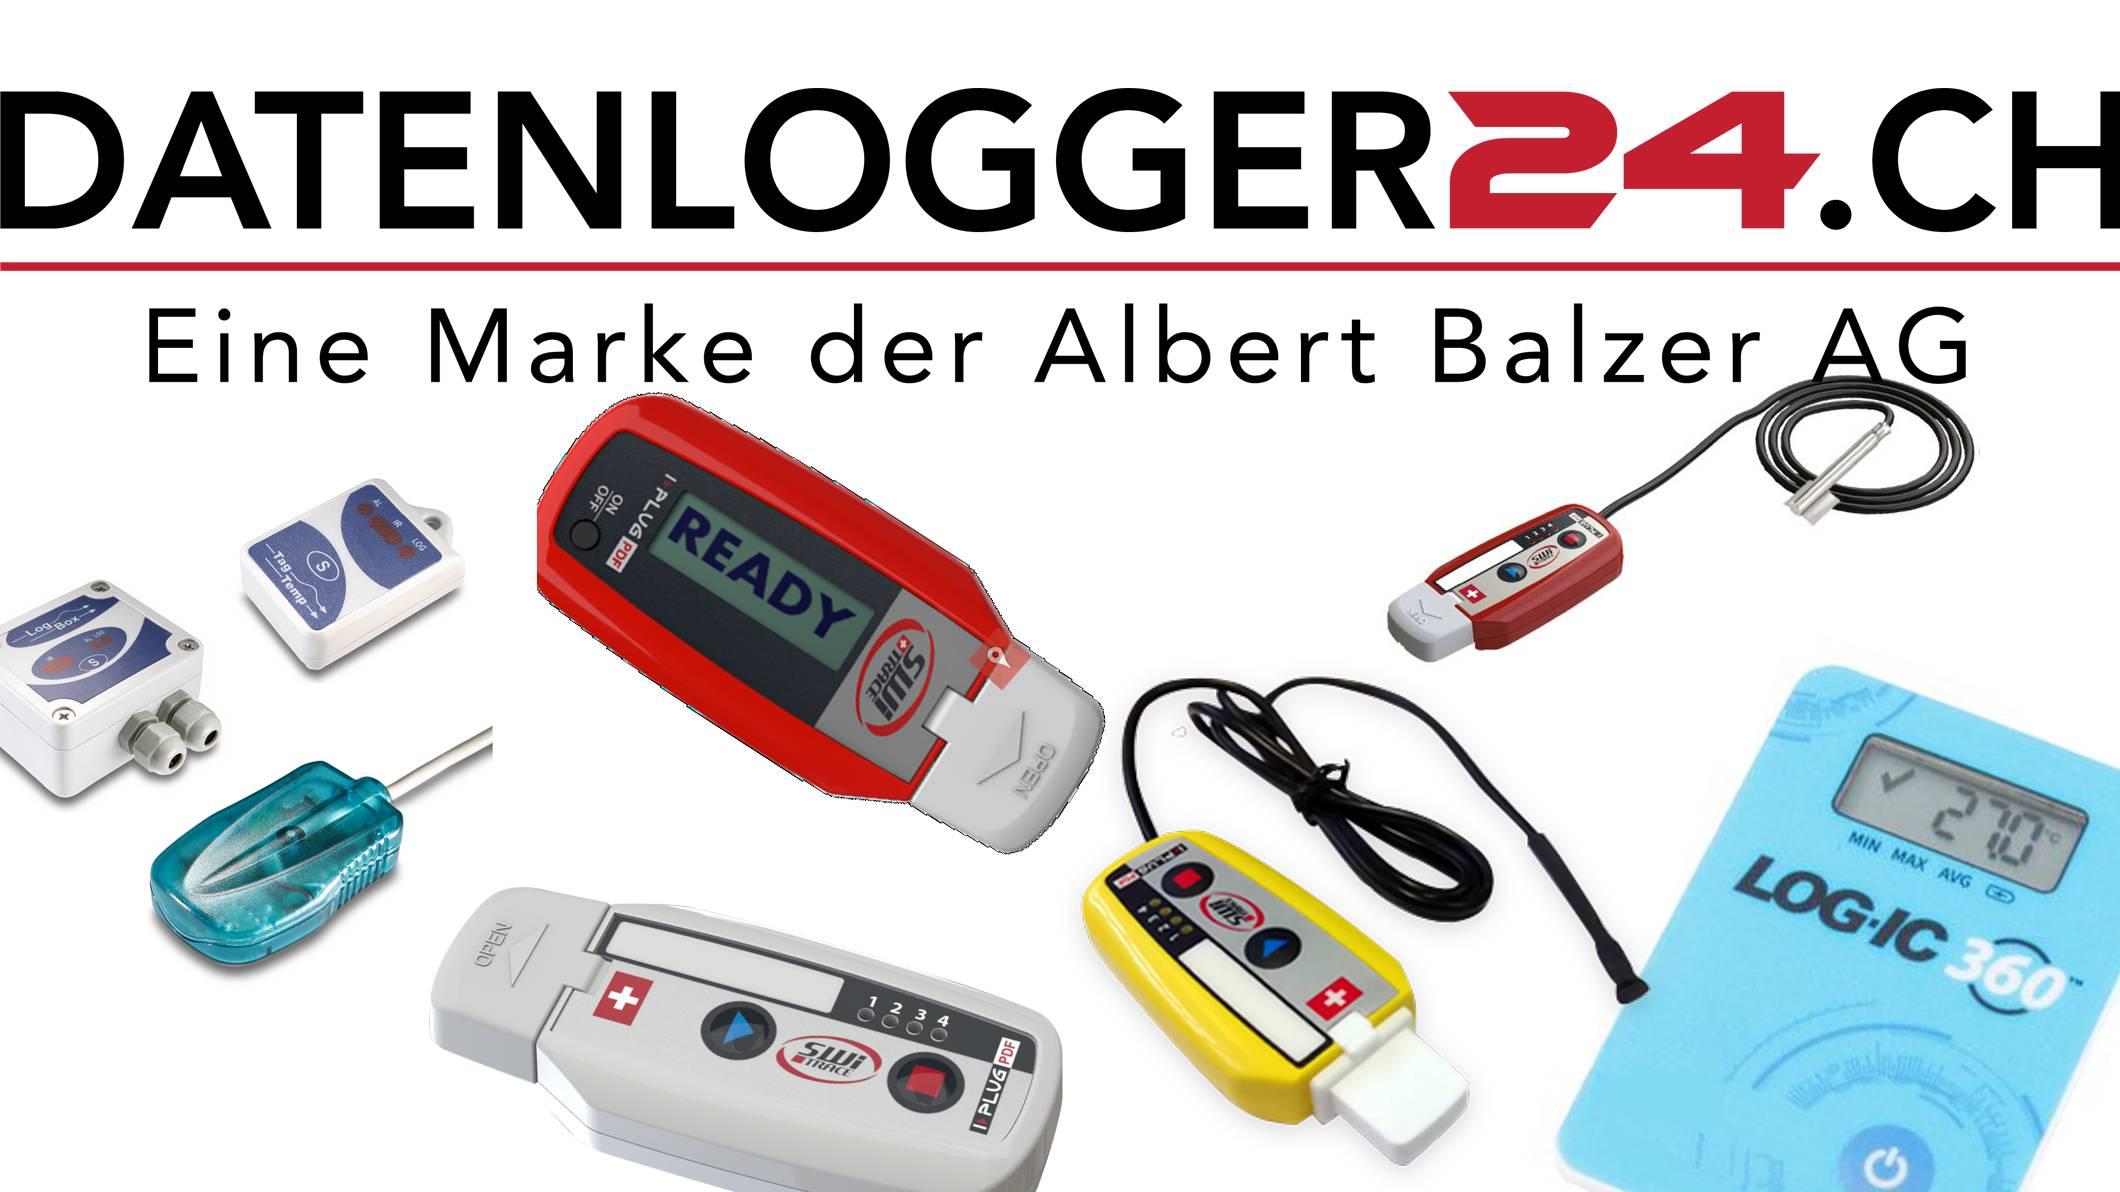 datenlogger24.ch, c/o Albert Balzer AG